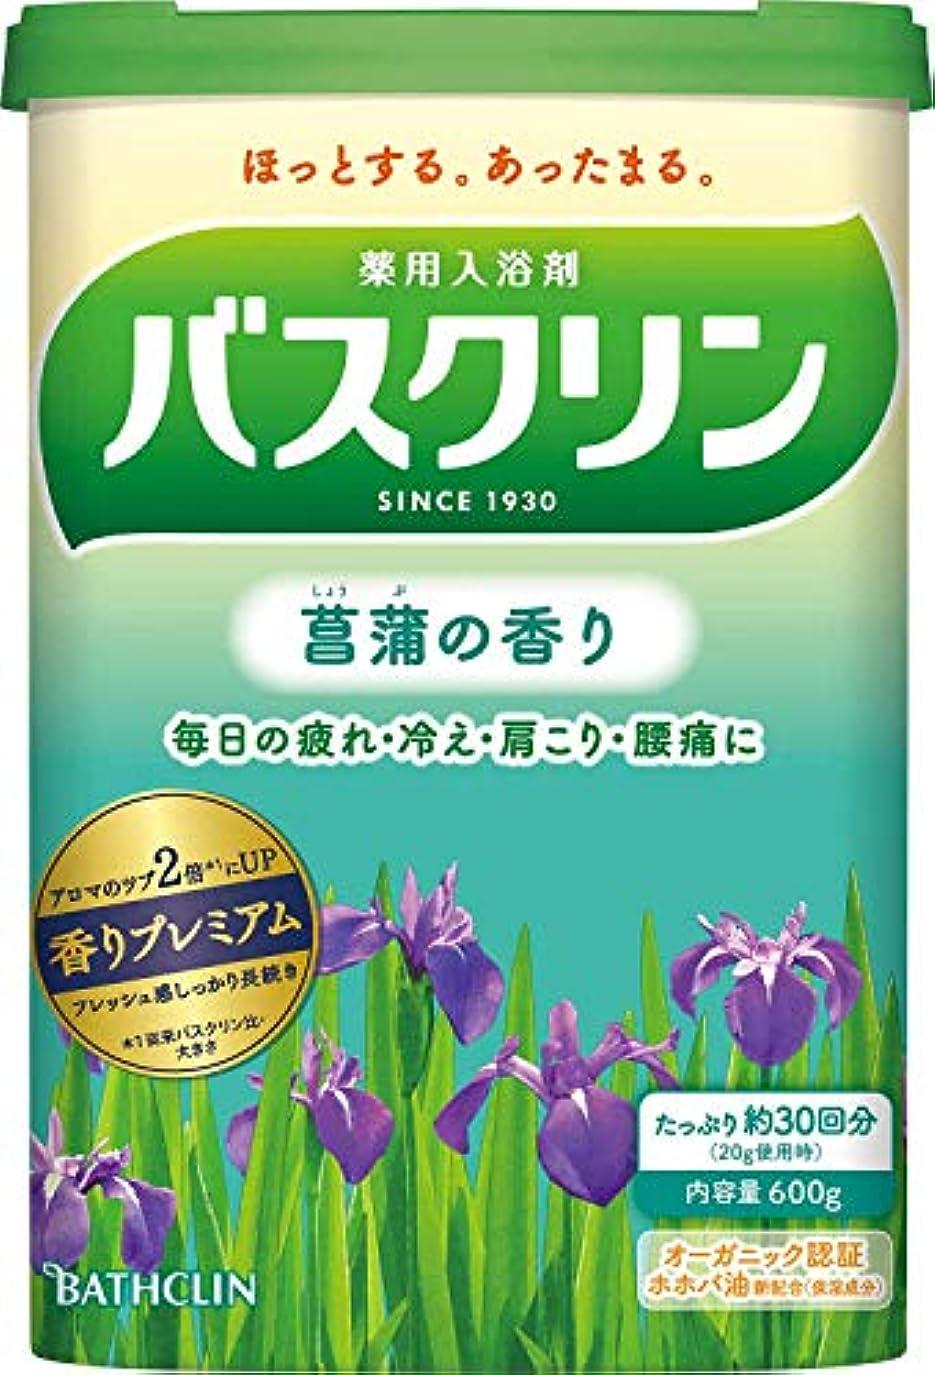 病弱溝インフレーション【医薬部外品】バスクリン入浴剤 菖蒲の香り600g(約30回分) 疲労回復